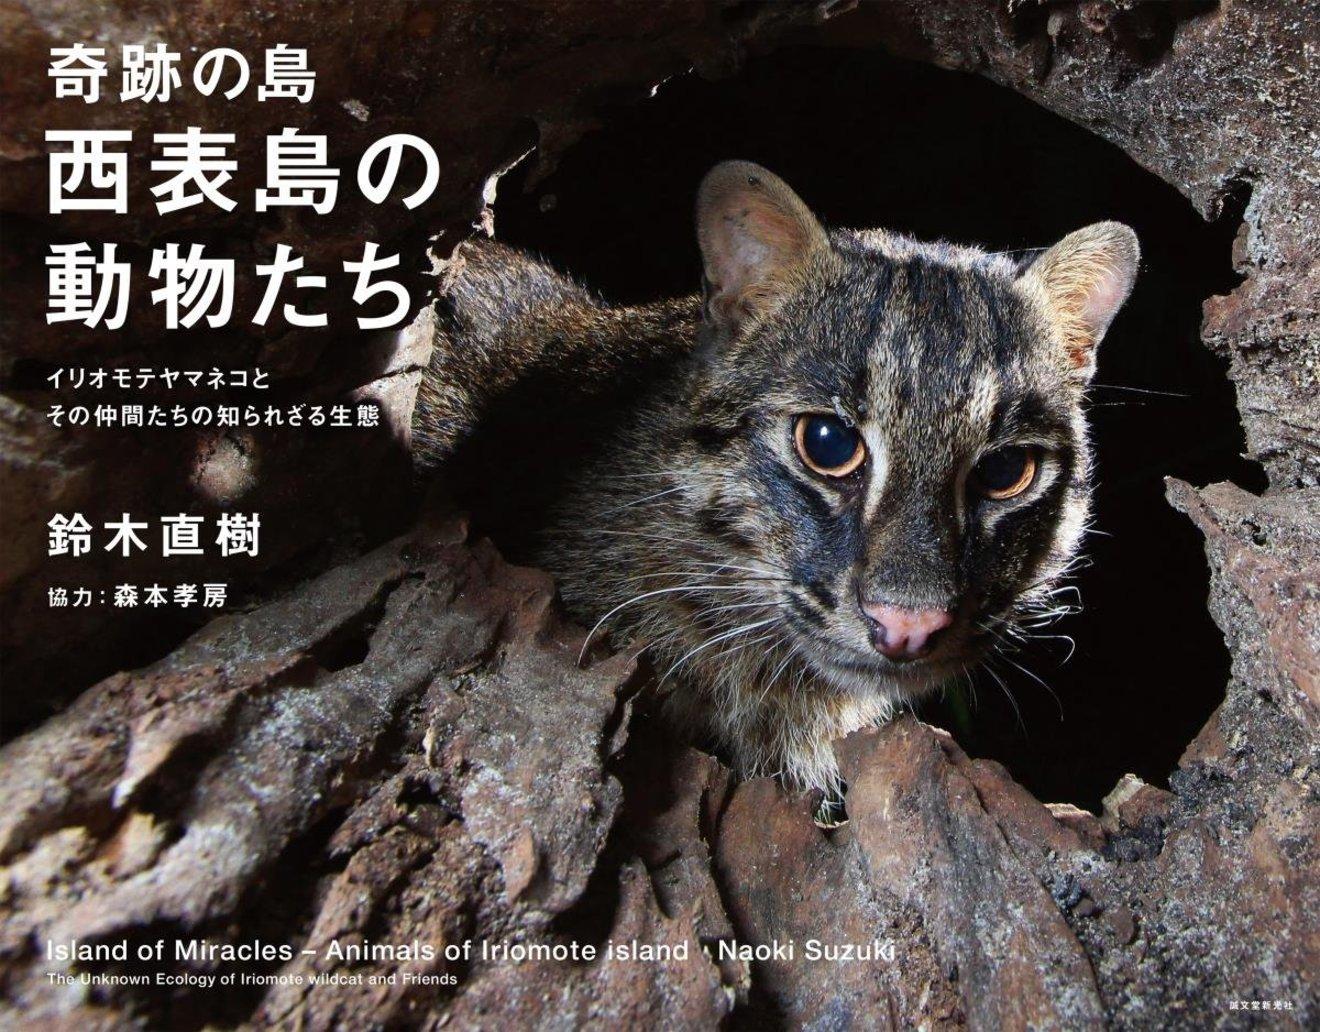 5分でわかるイリオモテヤマネコの生態と特徴!保護活動についても解説!